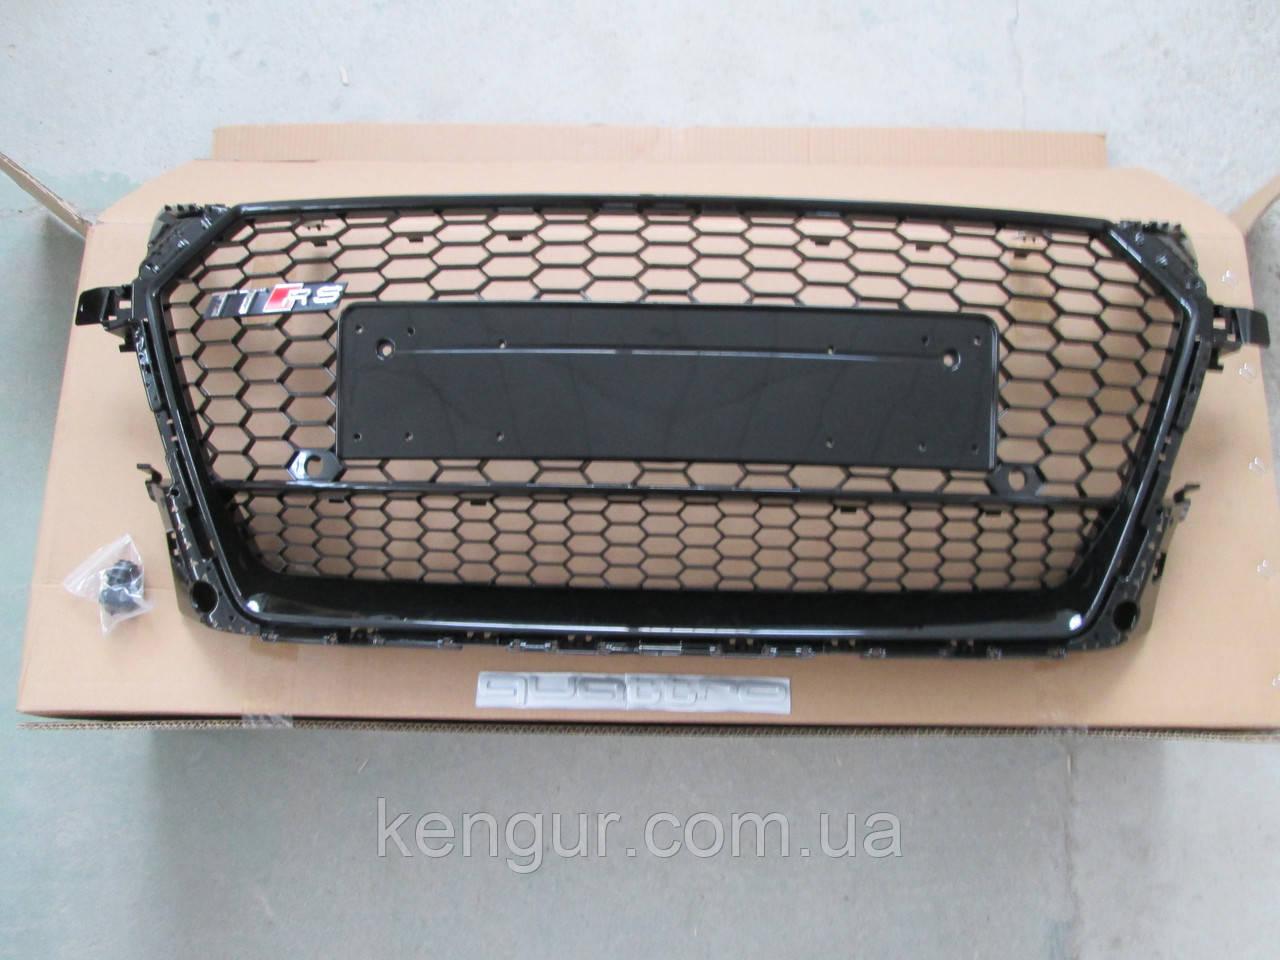 Решетка радиатора Audi TT стиль Audi TT RS